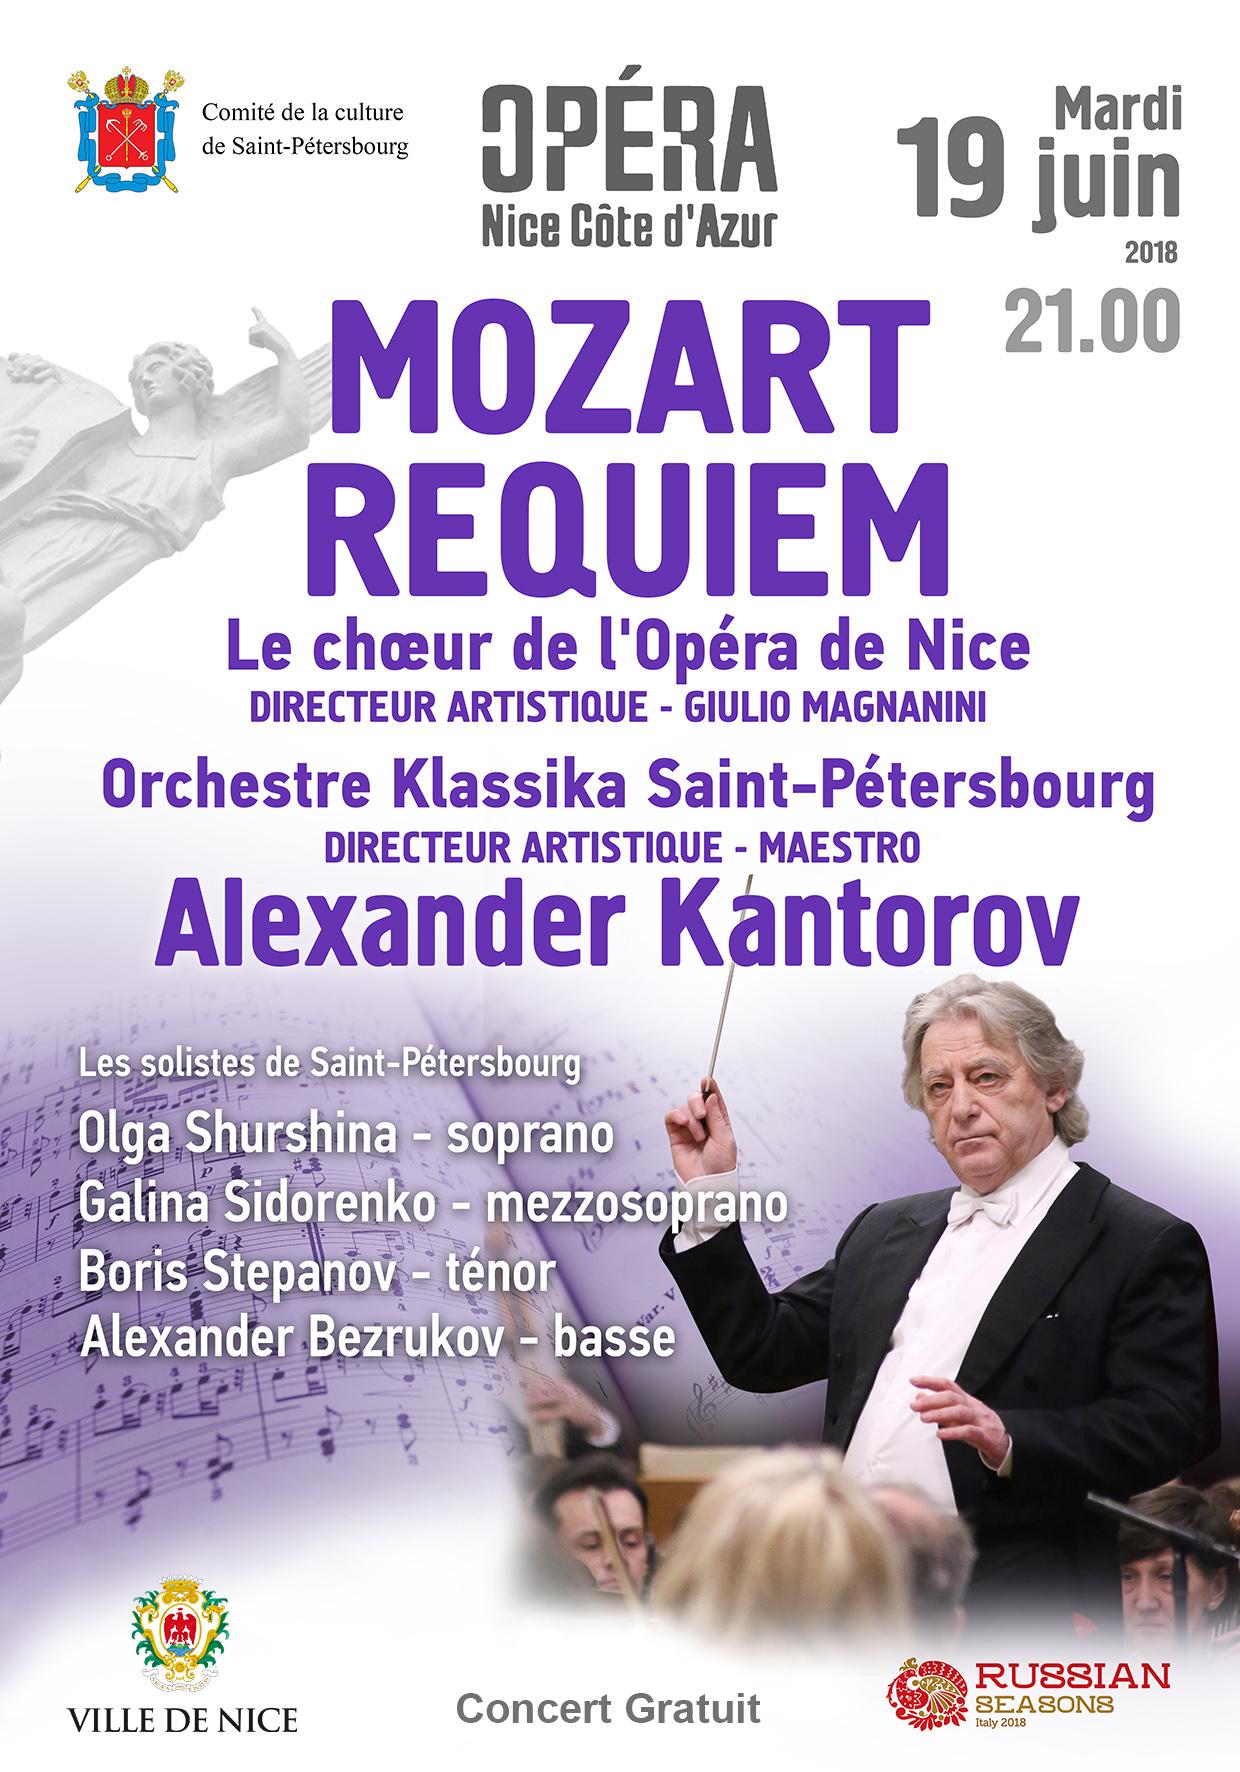 Invitation gratuite pour l'opéra Requiem de Mozart par l'Orchestre Klassika de Saint-Pétersbourg - le 19 juin (21 h), à l'Opéra de Nice (06)